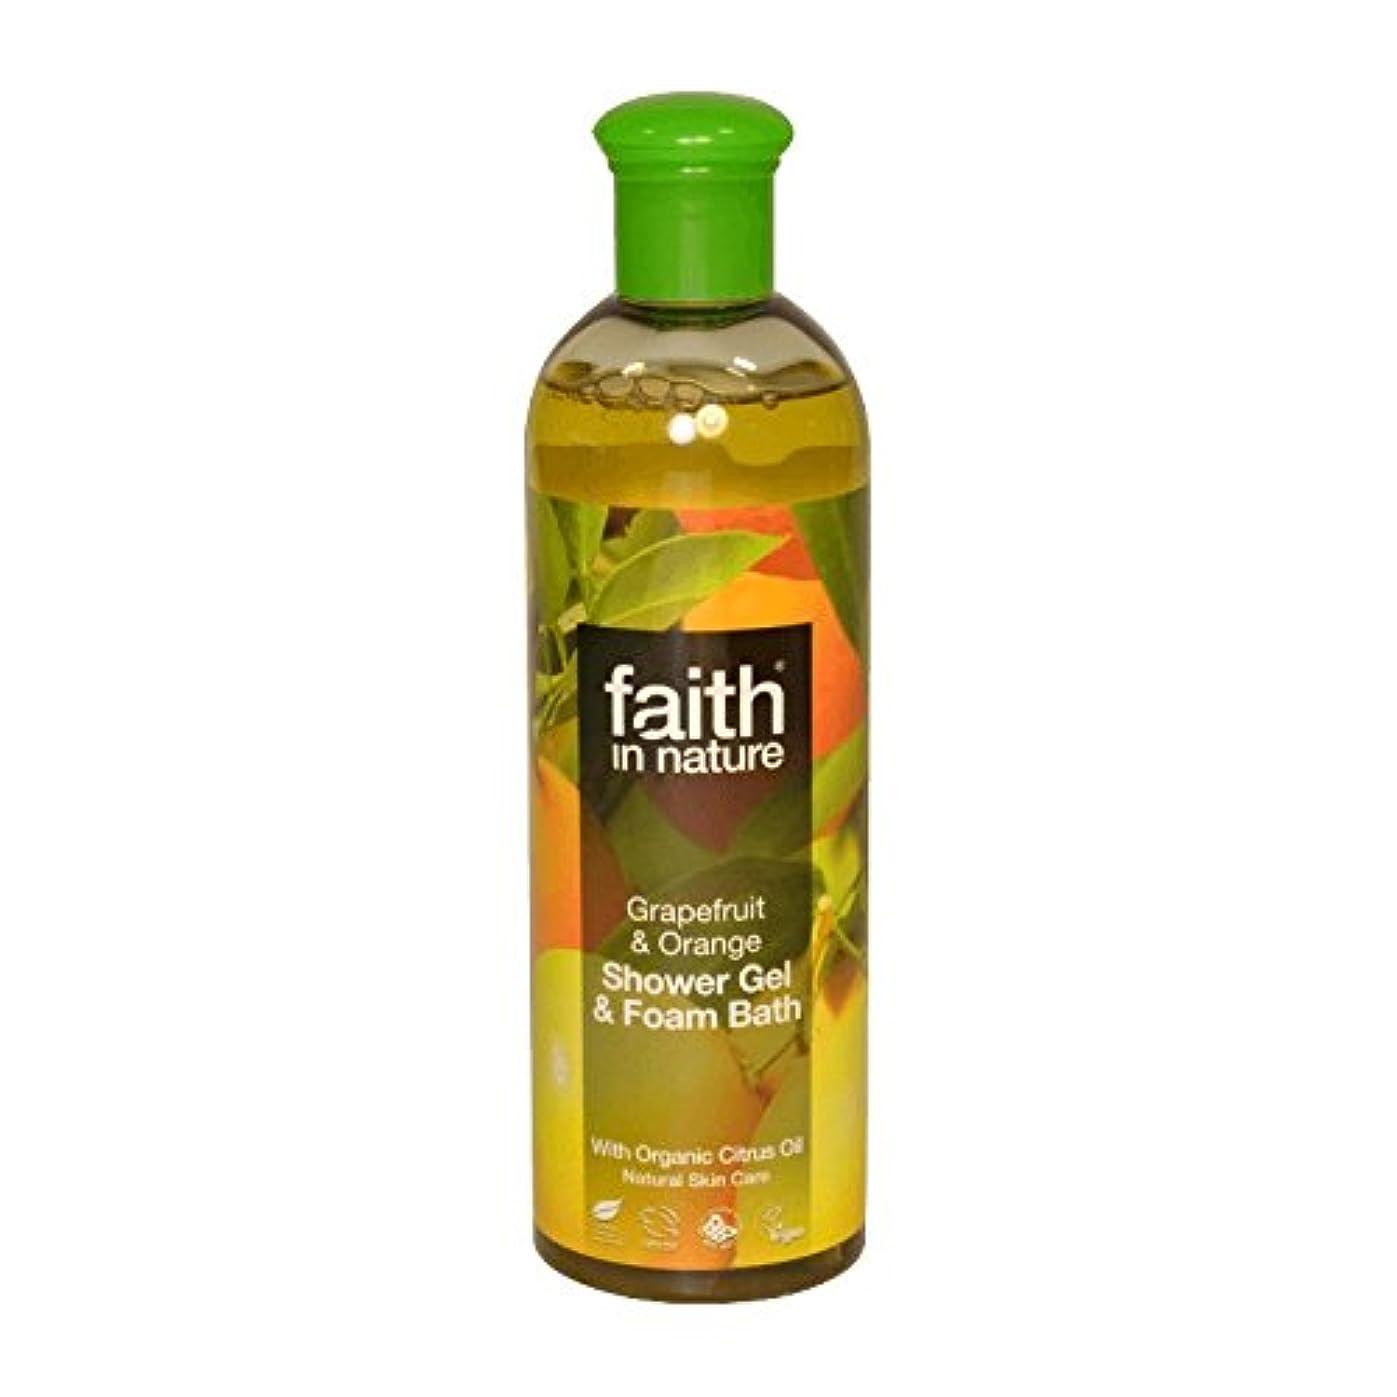 バルコニーの間にあいにく自然グレープフルーツ&オレンジシャワージェル&バス泡400ミリリットルの信仰 - Faith in Nature Grapefruit & Orange Shower Gel & Bath Foam 400ml (Faith in Nature) [並行輸入品]